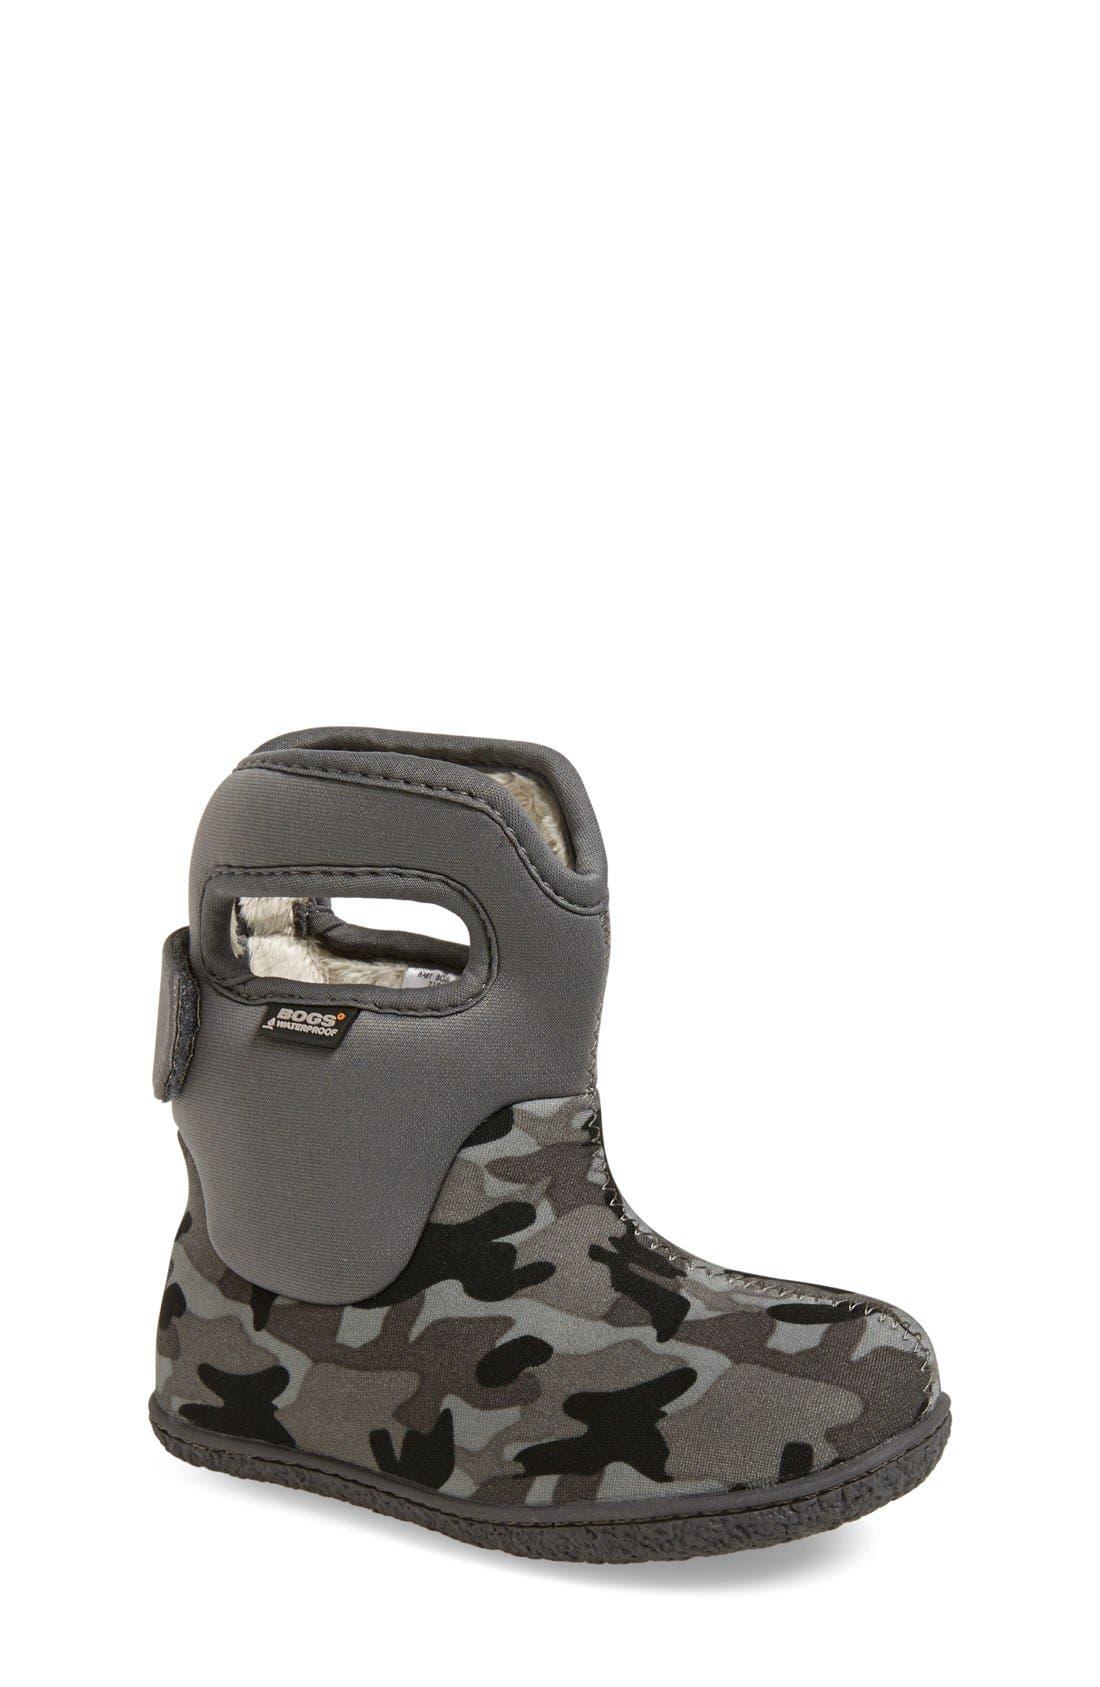 Main Image - Bogs 'Baby Bogs - Camo' Waterproof Boot (Walker & Toddler)